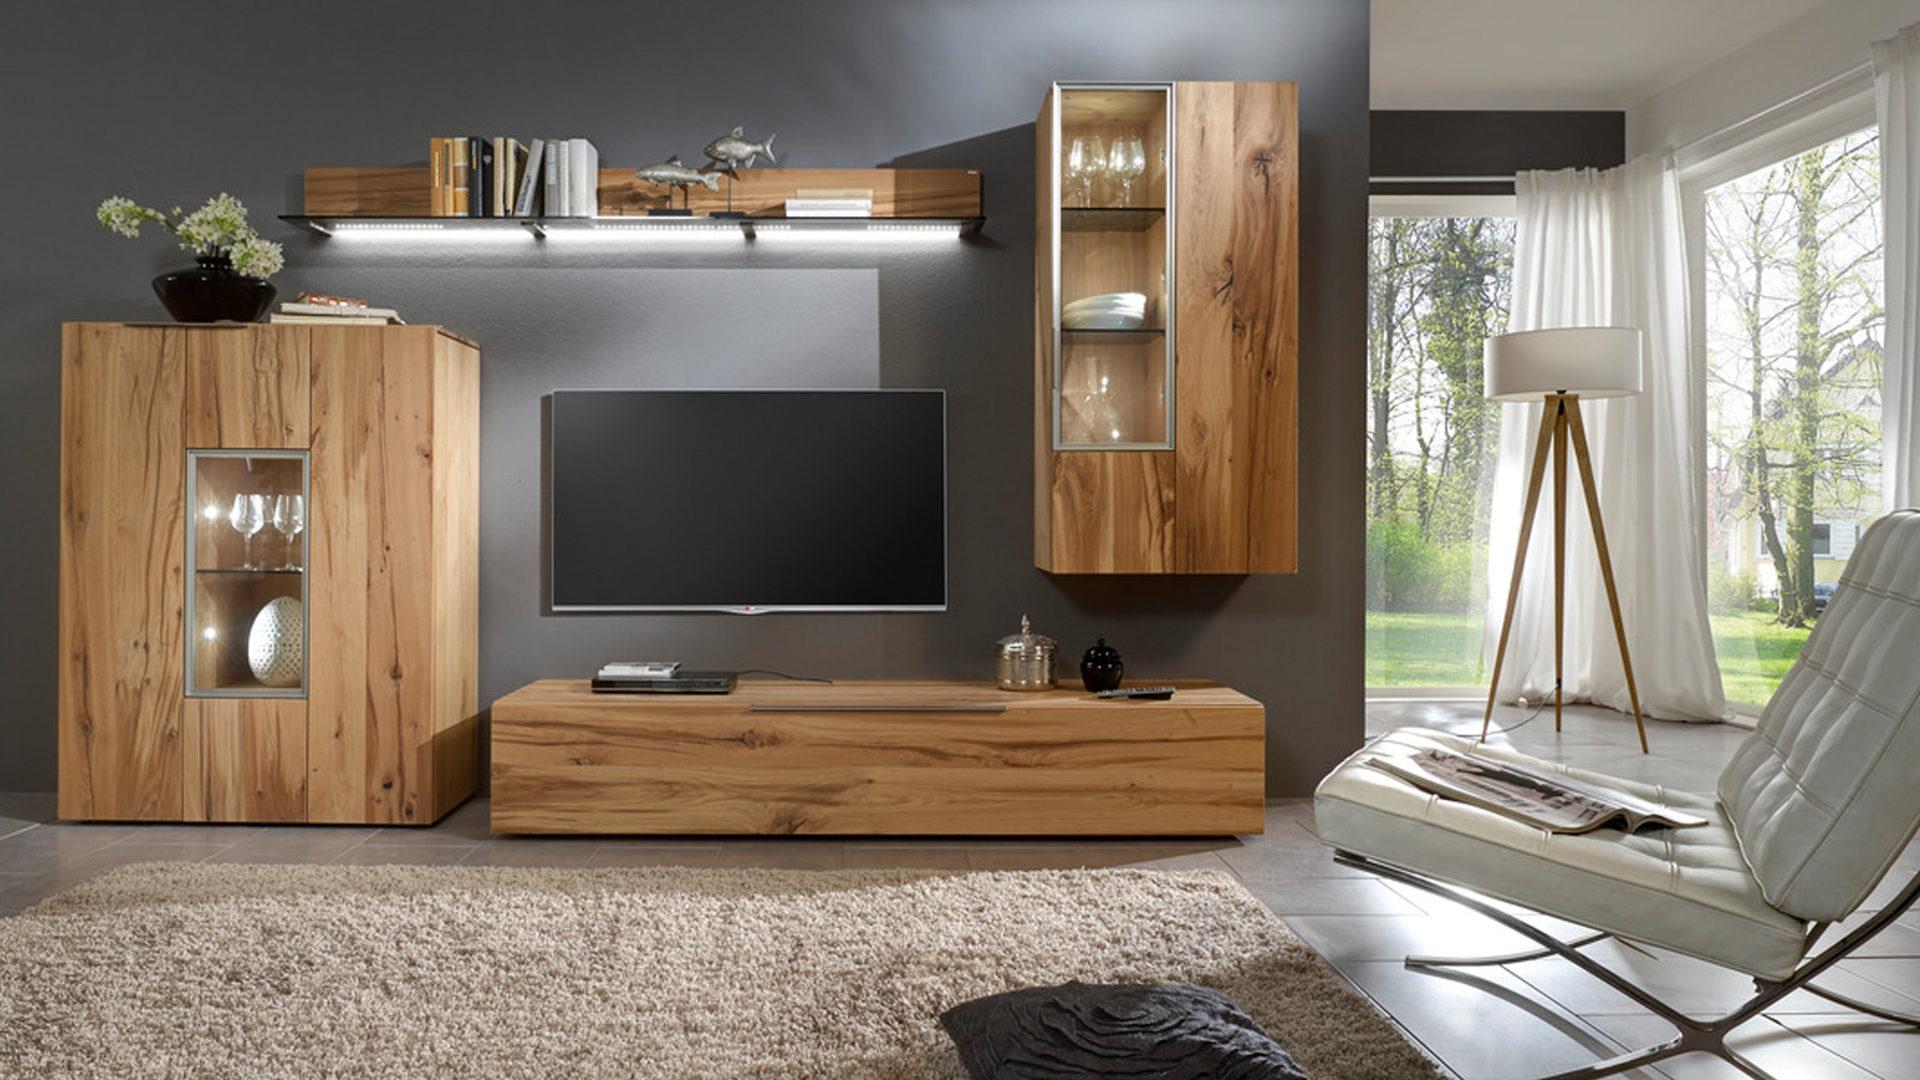 Wohnwand altholz  Möbel Eilers Apen, Möbel A-Z, Schränke + Wohnwände, Wohnwände ...